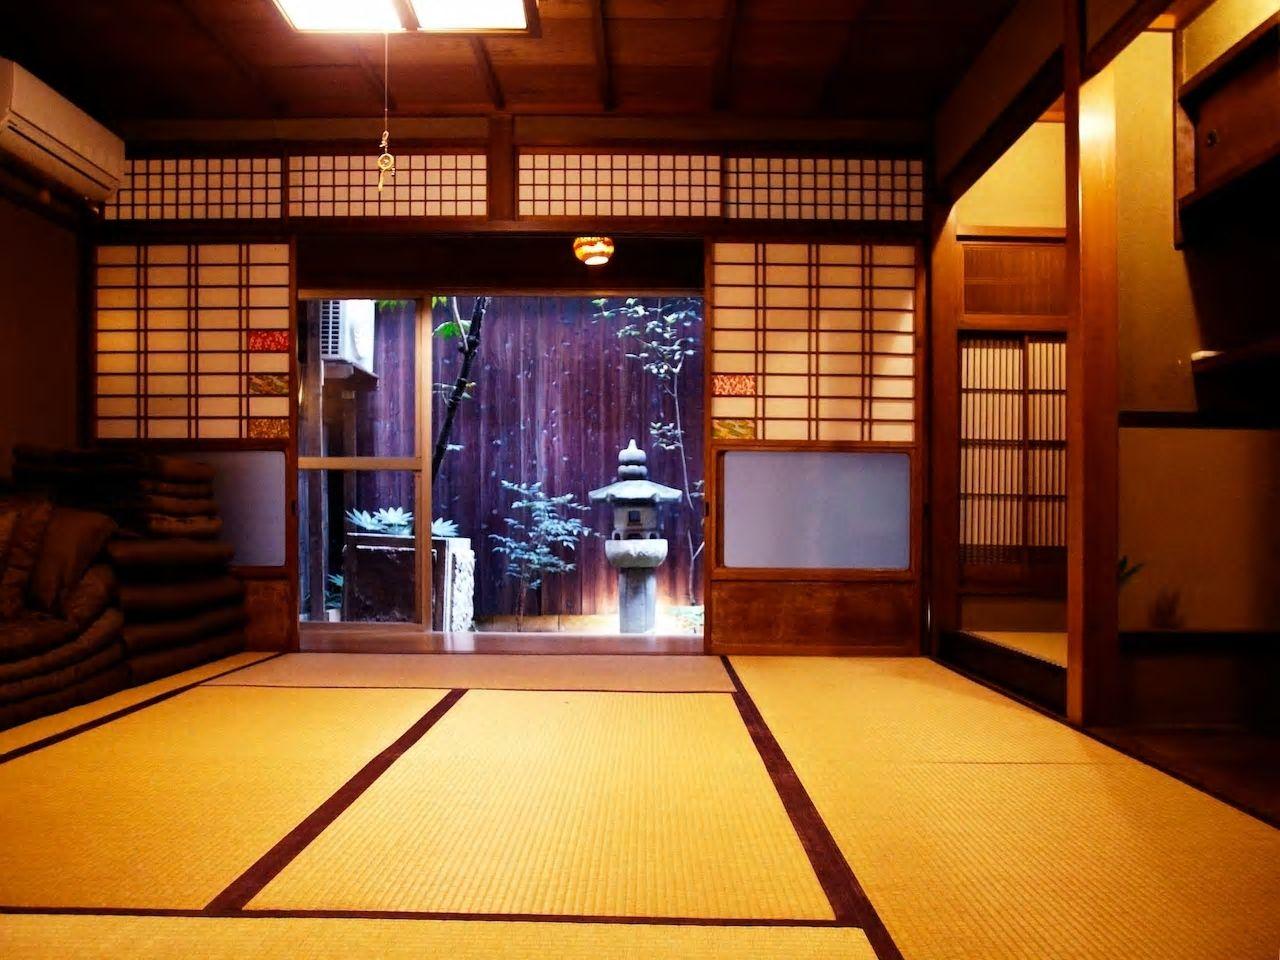 7.坪庭の眺めが素敵な京町家/京都市